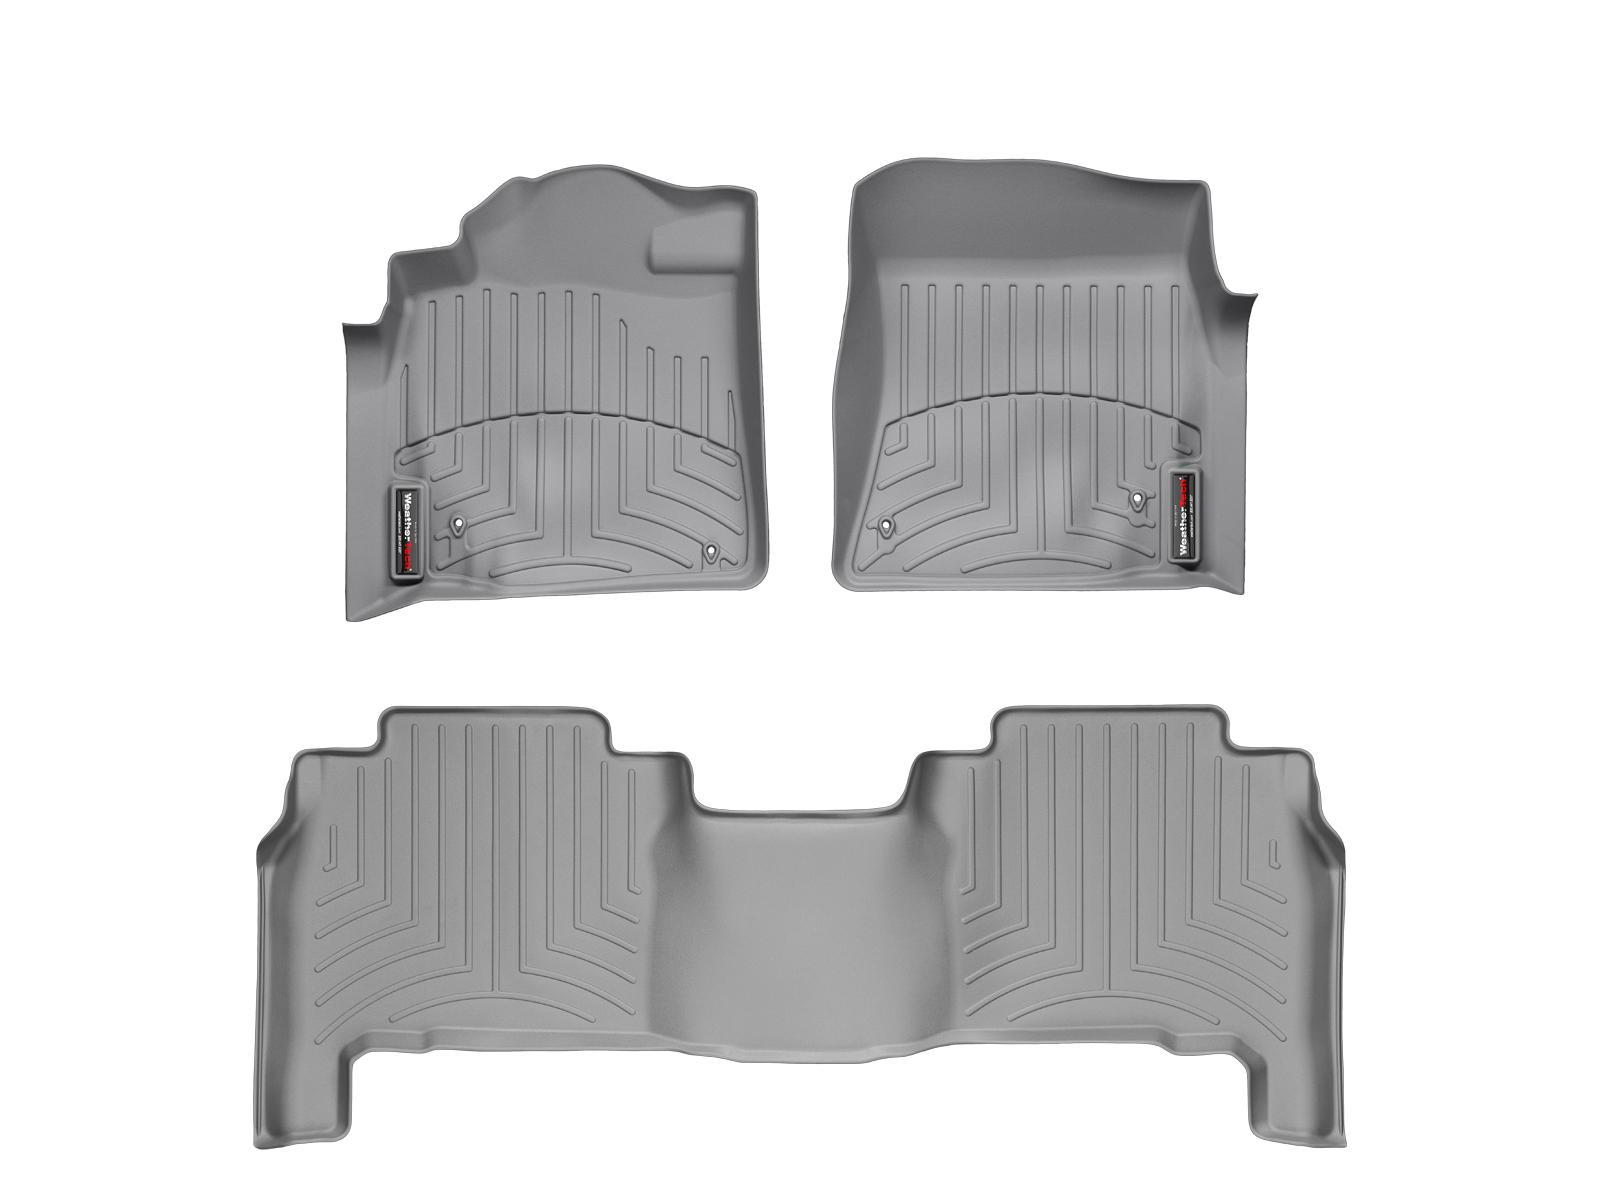 Tappeti gomma su misura bordo alto Toyota Land Cruiser V8 12>12 Grigio A3707*